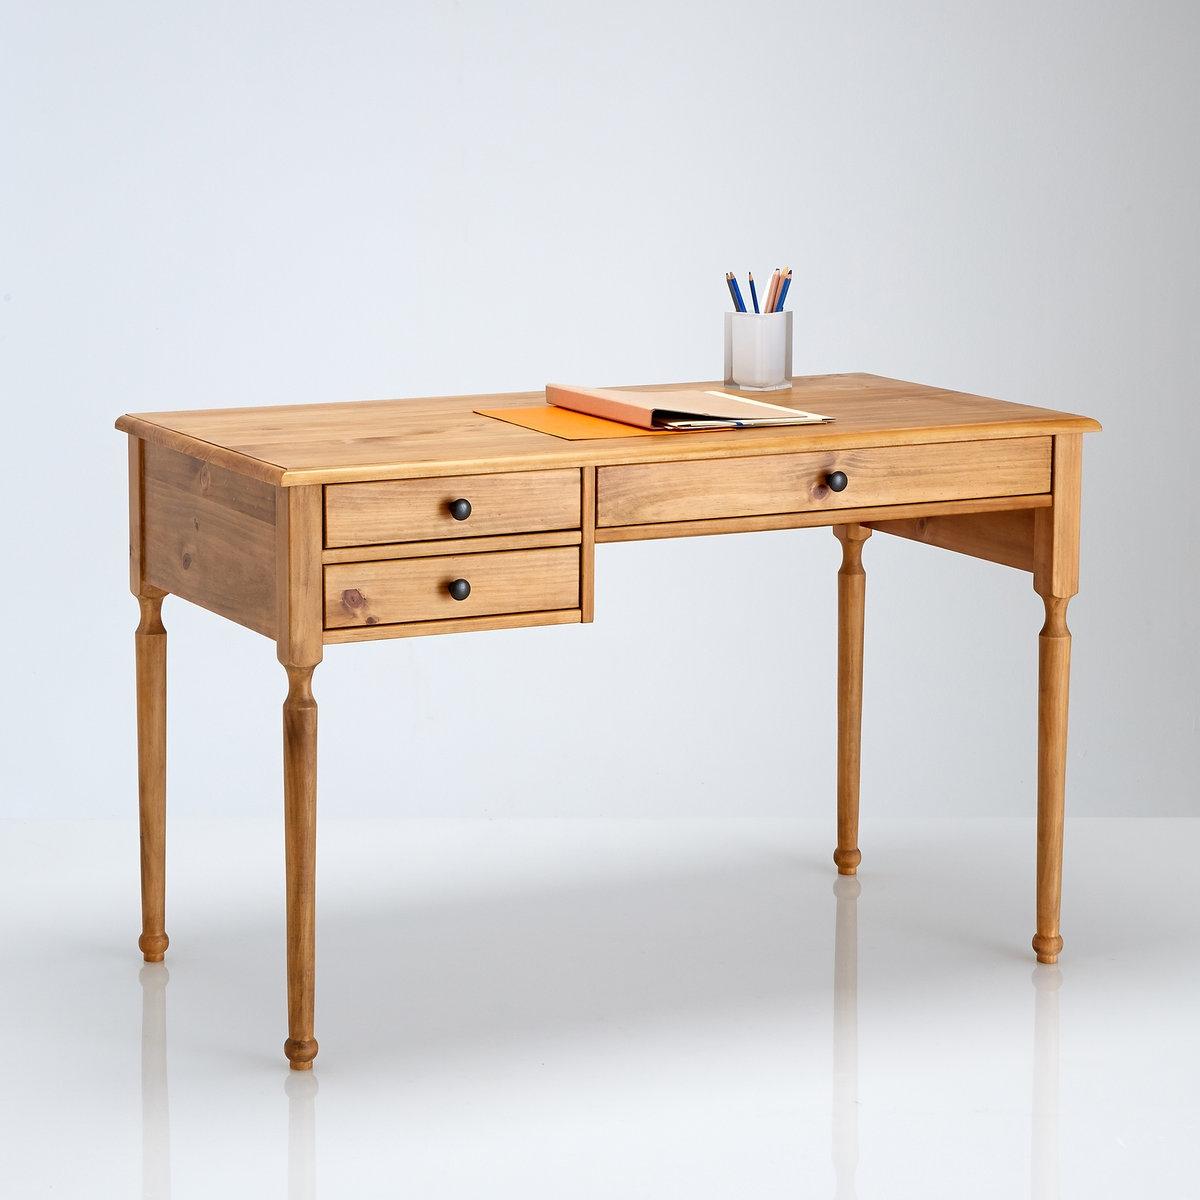 Стол La Redoute Письменный из массива сосны Authentic Style единый размер бежевый